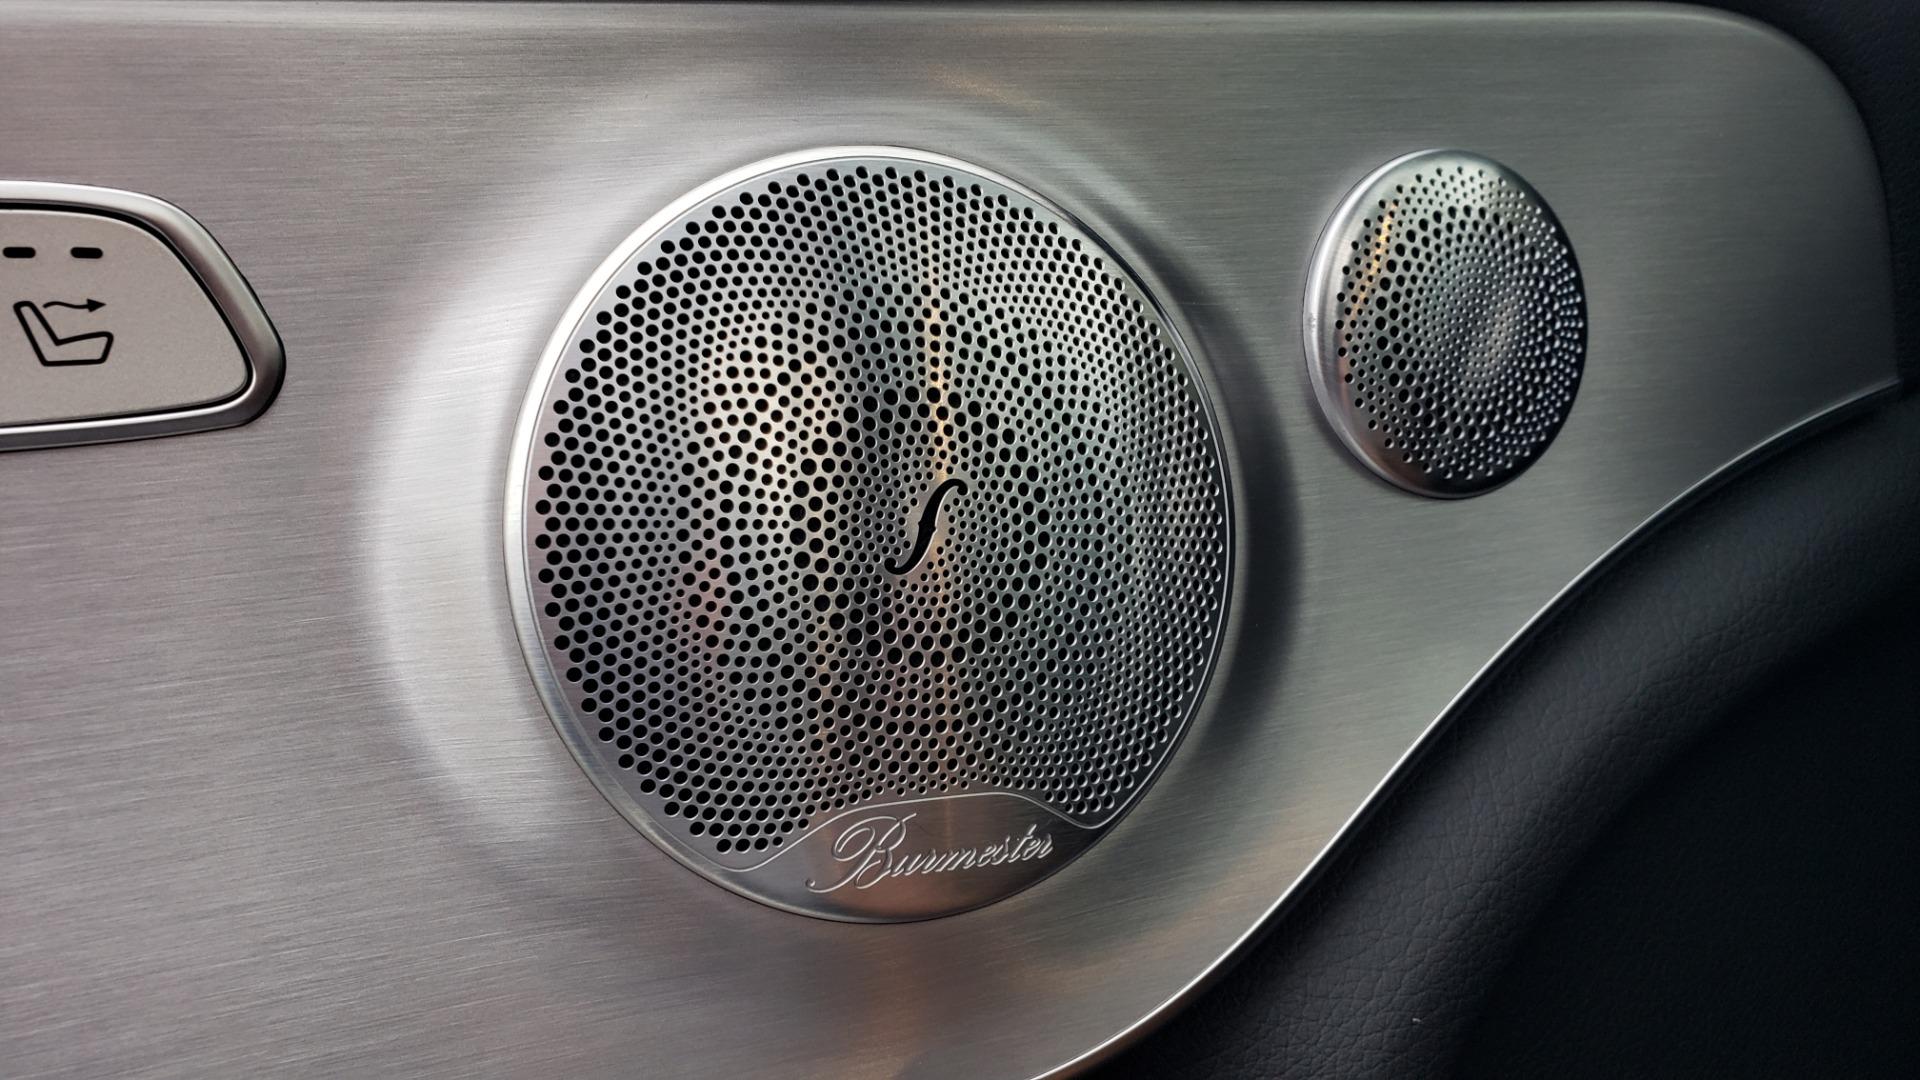 Used 2019 Mercedes-Benz C-CLASS C 300 CABRIOLET / PREM PKG / NAV / BURMESTER / MULTIMEDIA for sale Sold at Formula Imports in Charlotte NC 28227 82